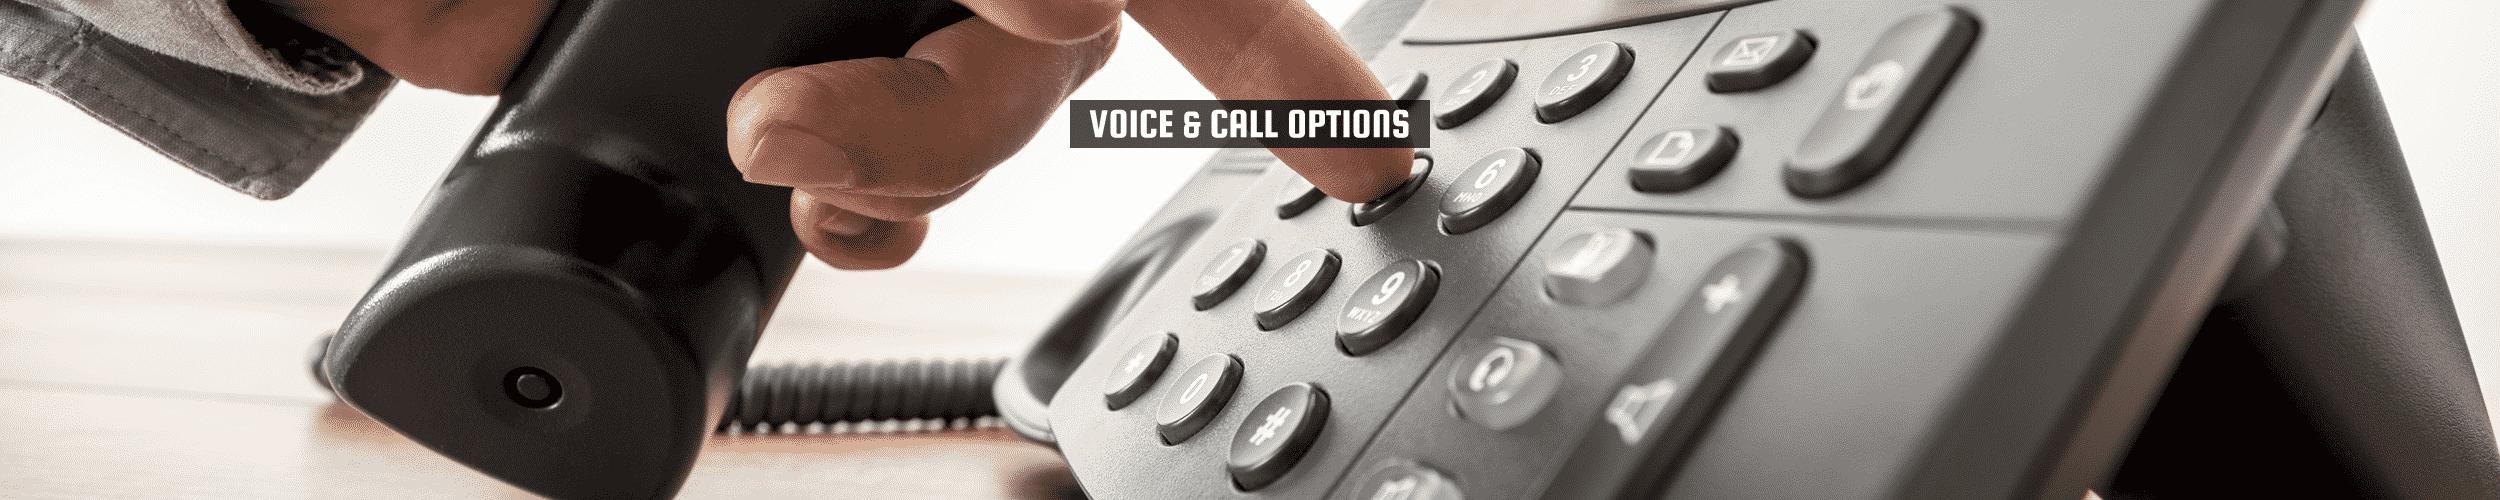 52Degrees Voice - изображение функции | «голосовые и телефонные вызовы» | человек ключи в номерах на телефоне | Телекоммуникационные решения, Норидж